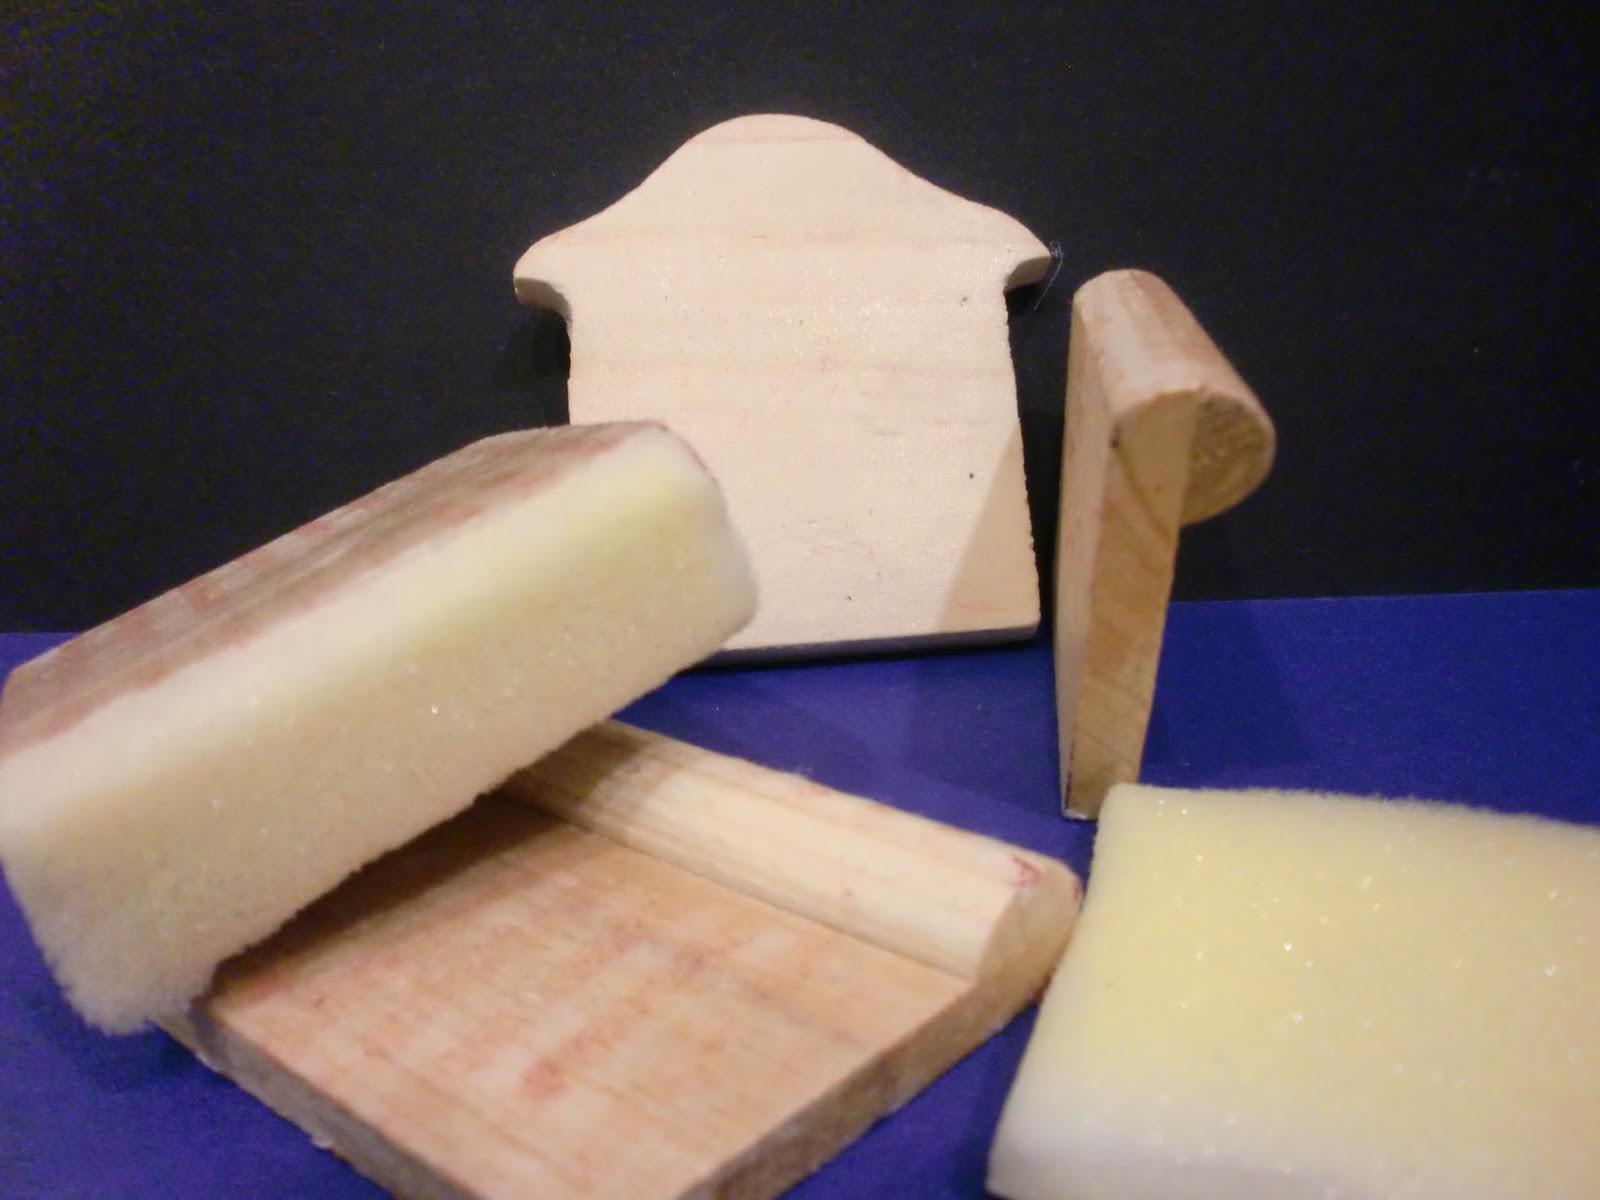 Casita de regaliz planos de butaca y sof en miniatura - Tapizar butaca paso a paso ...